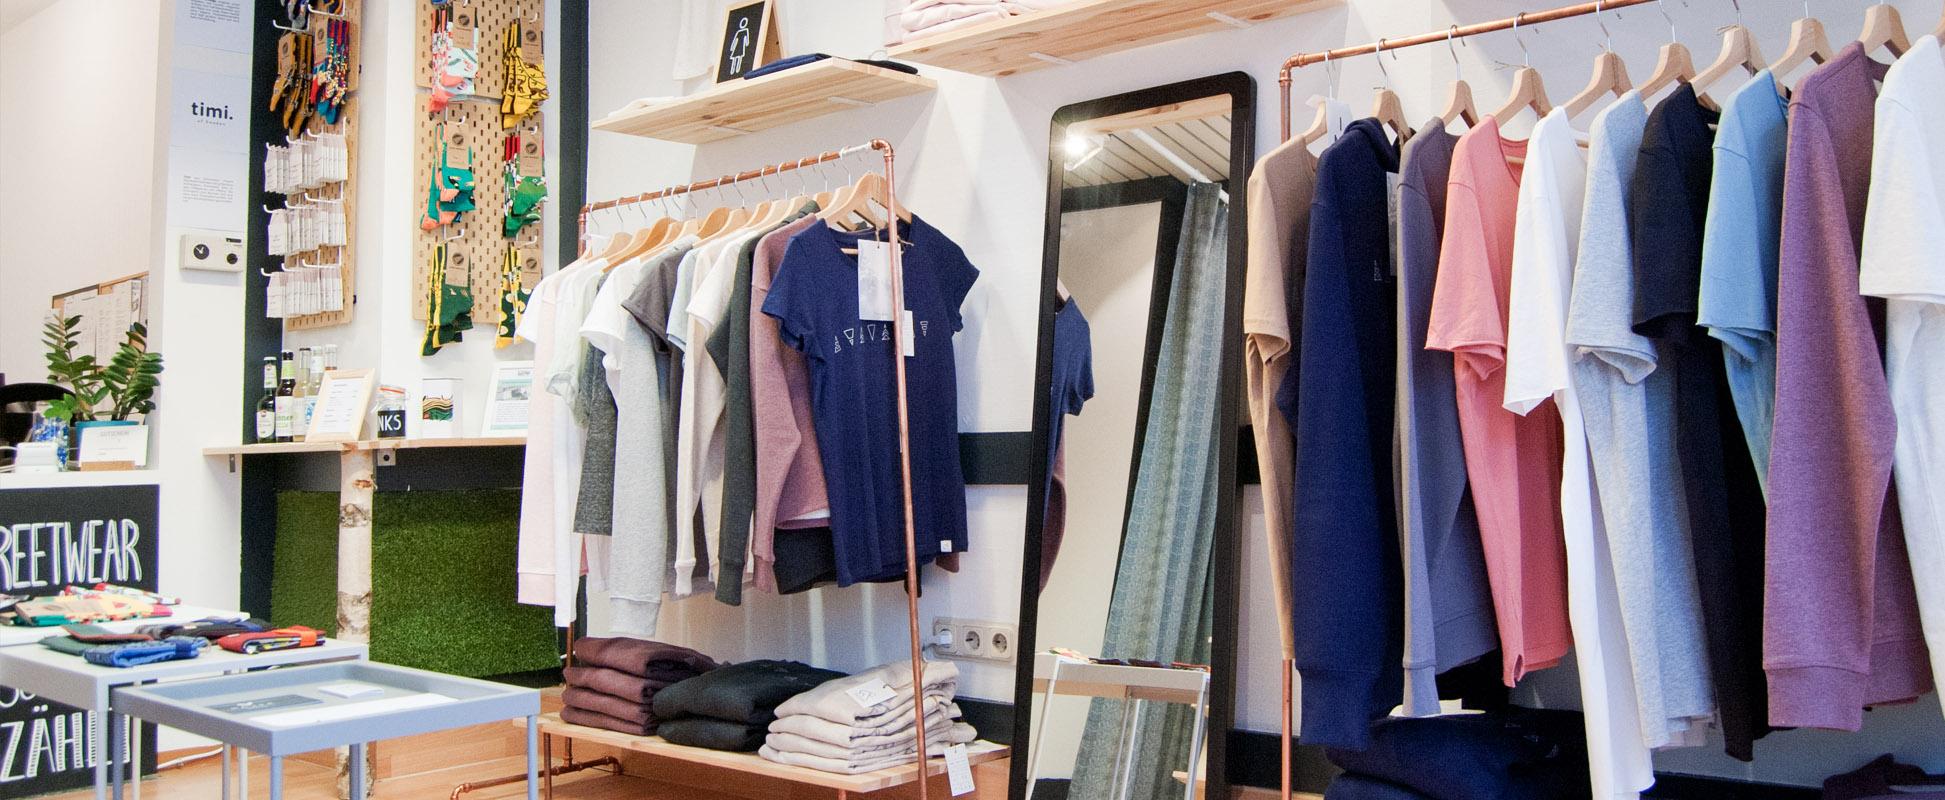 dressgoat concept store laden eröffnung ehrenfeld köln bio fair nachhaltig kleidung mode slowfashion streetwear